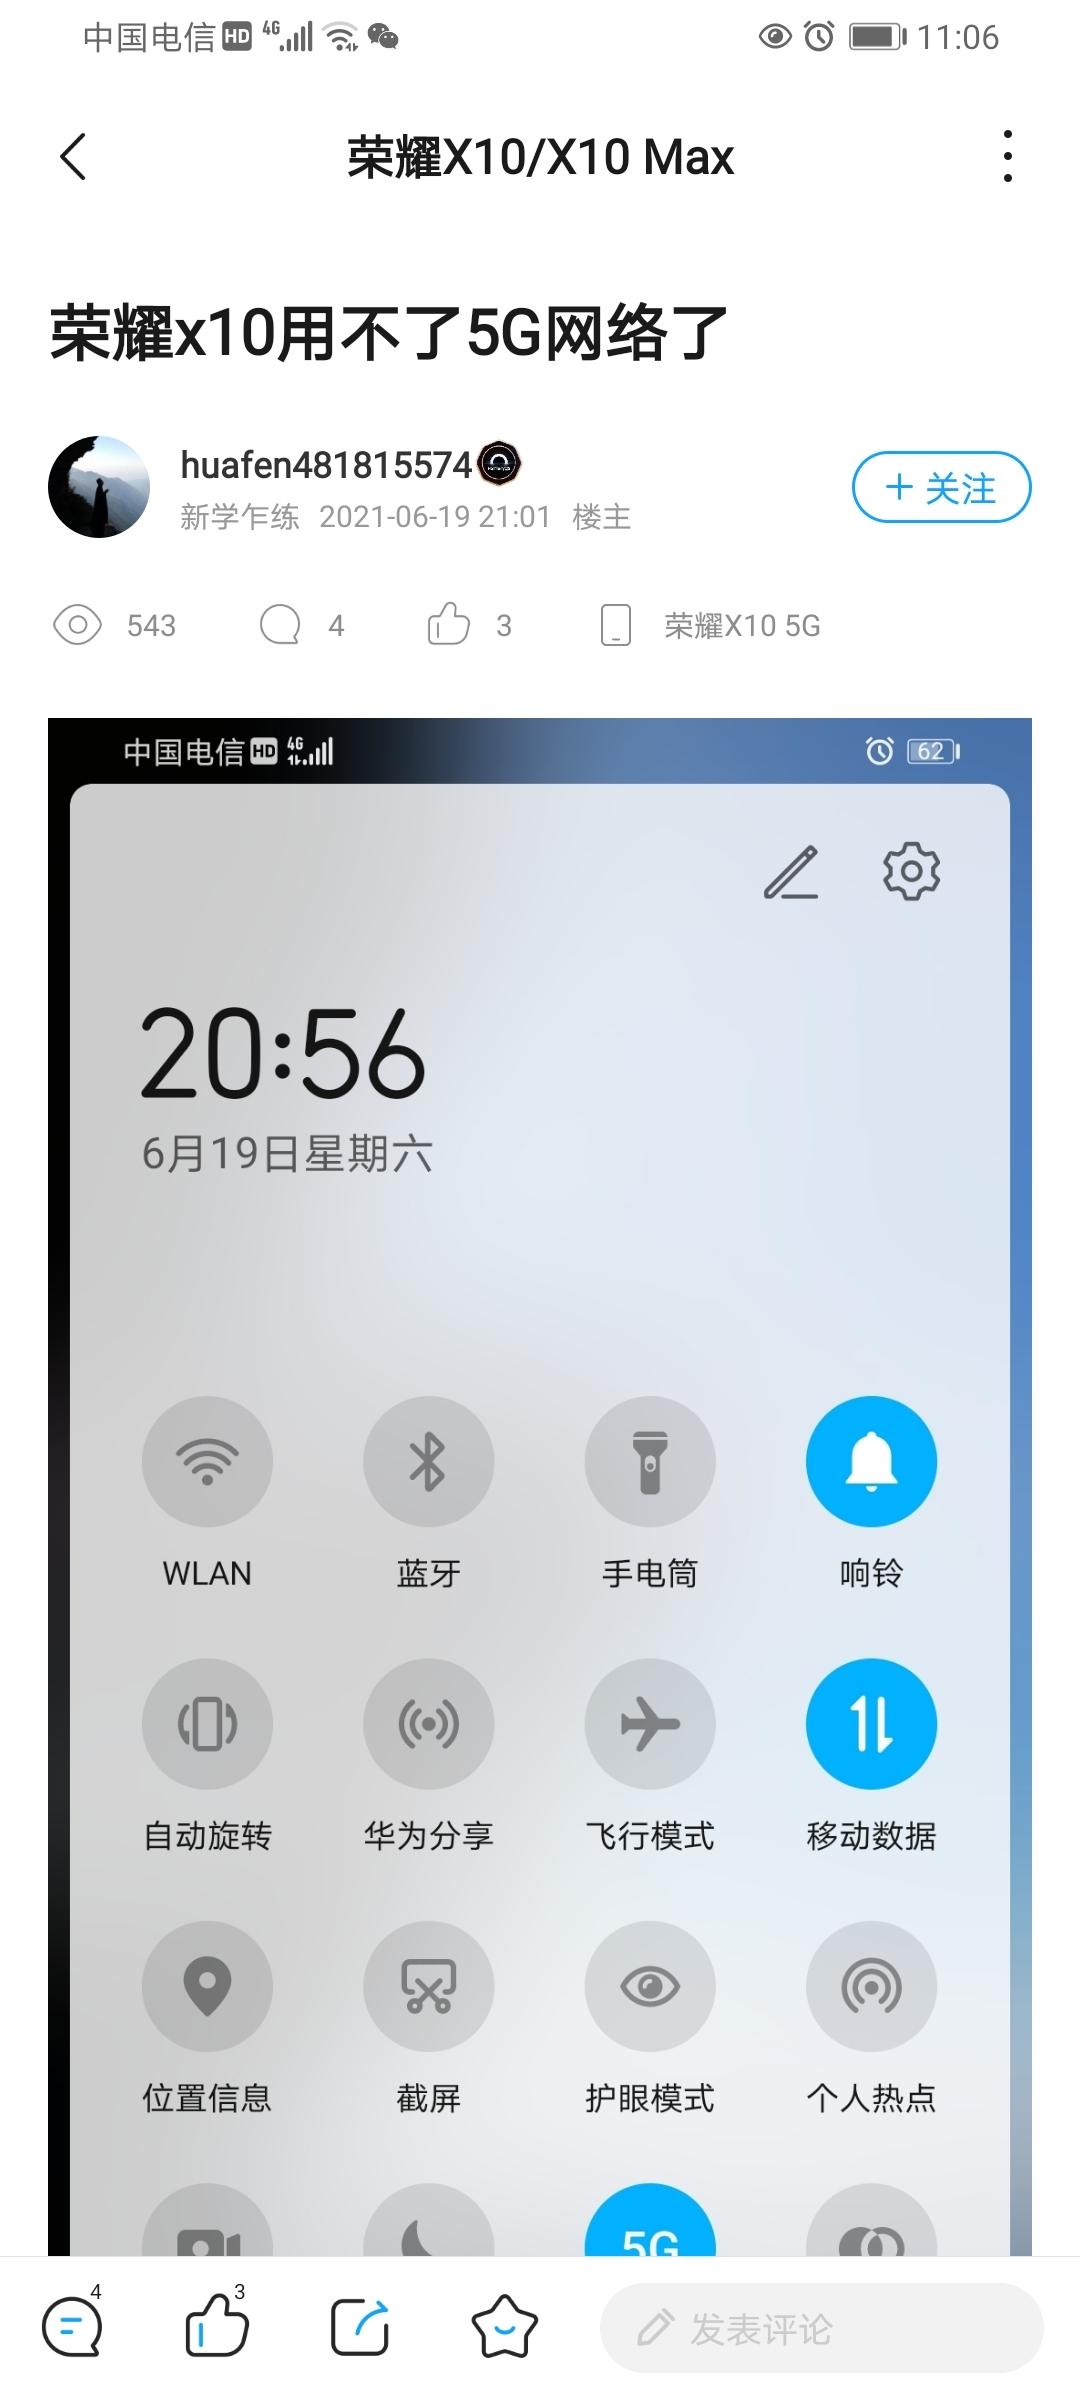 Screenshot_20210620_110650_com.huawei.fans.jpg